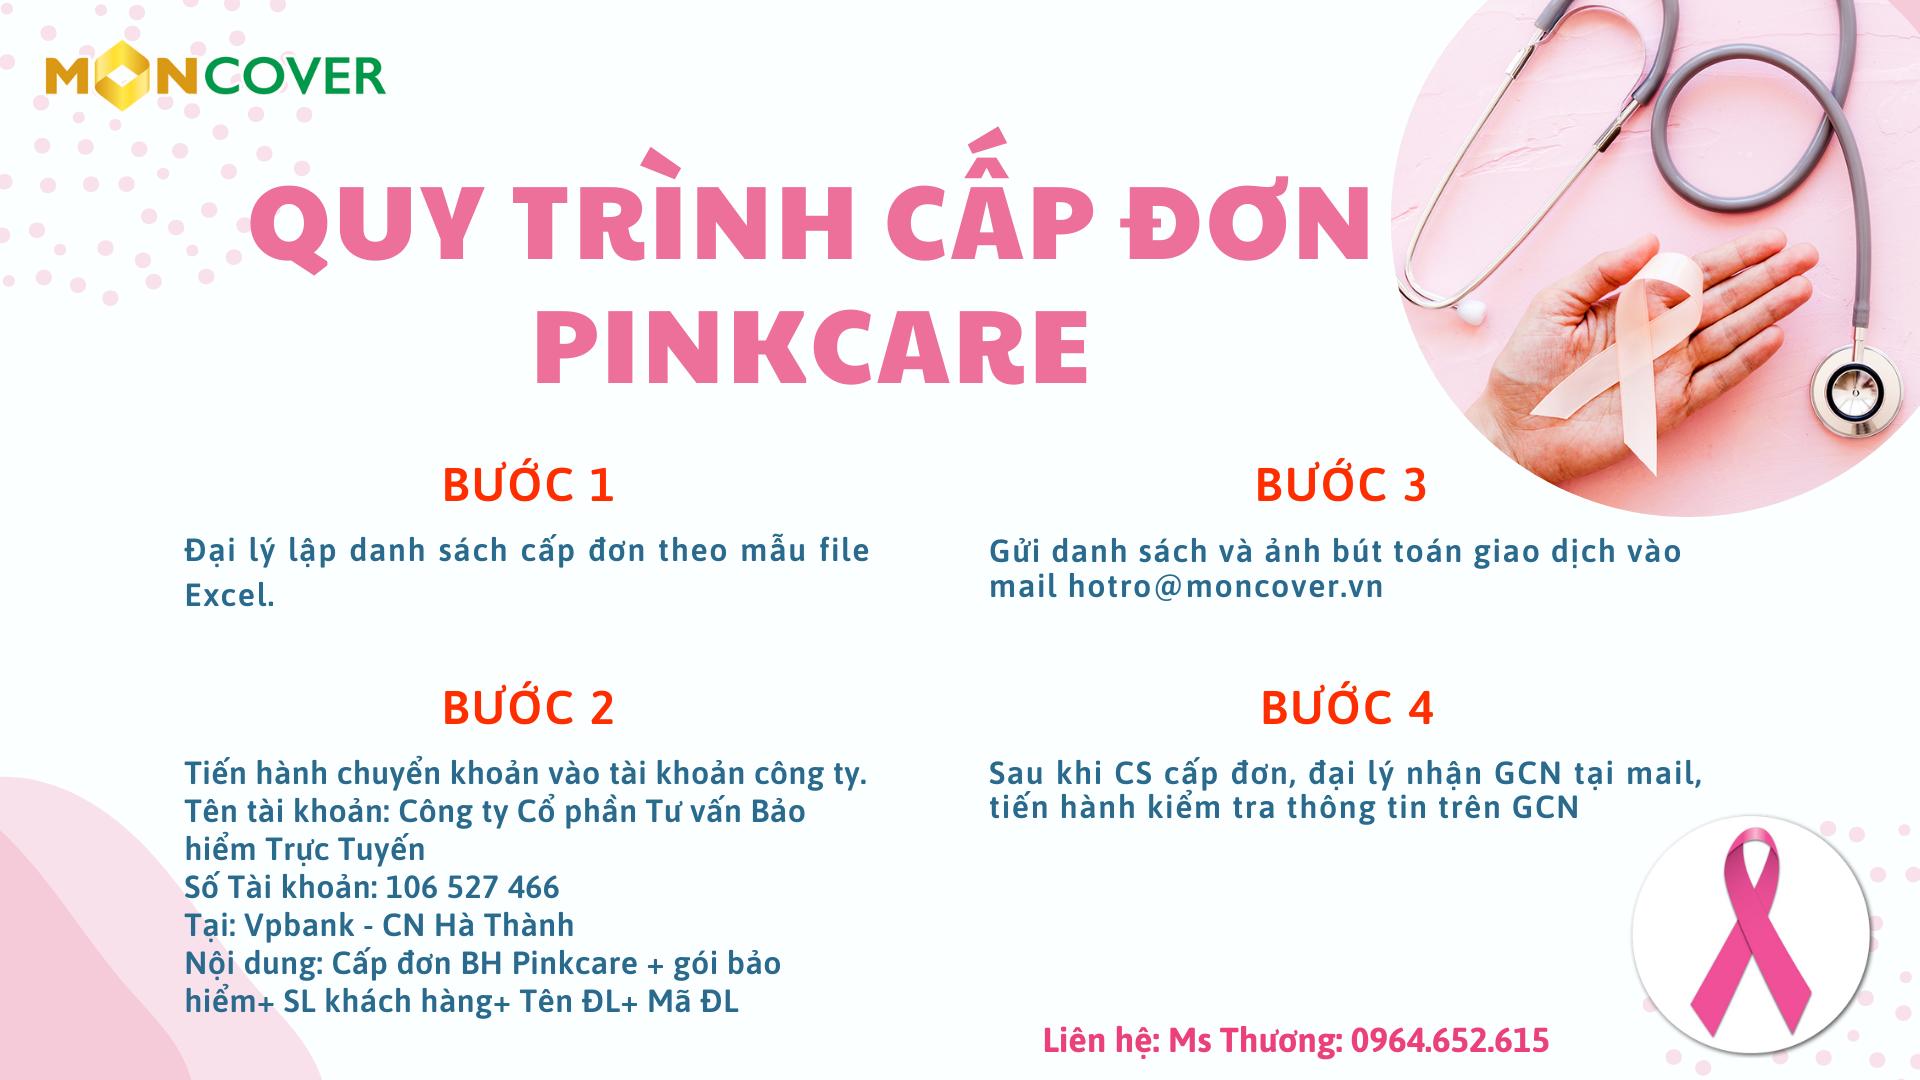 Quy trình cấp đơn Pinkcare